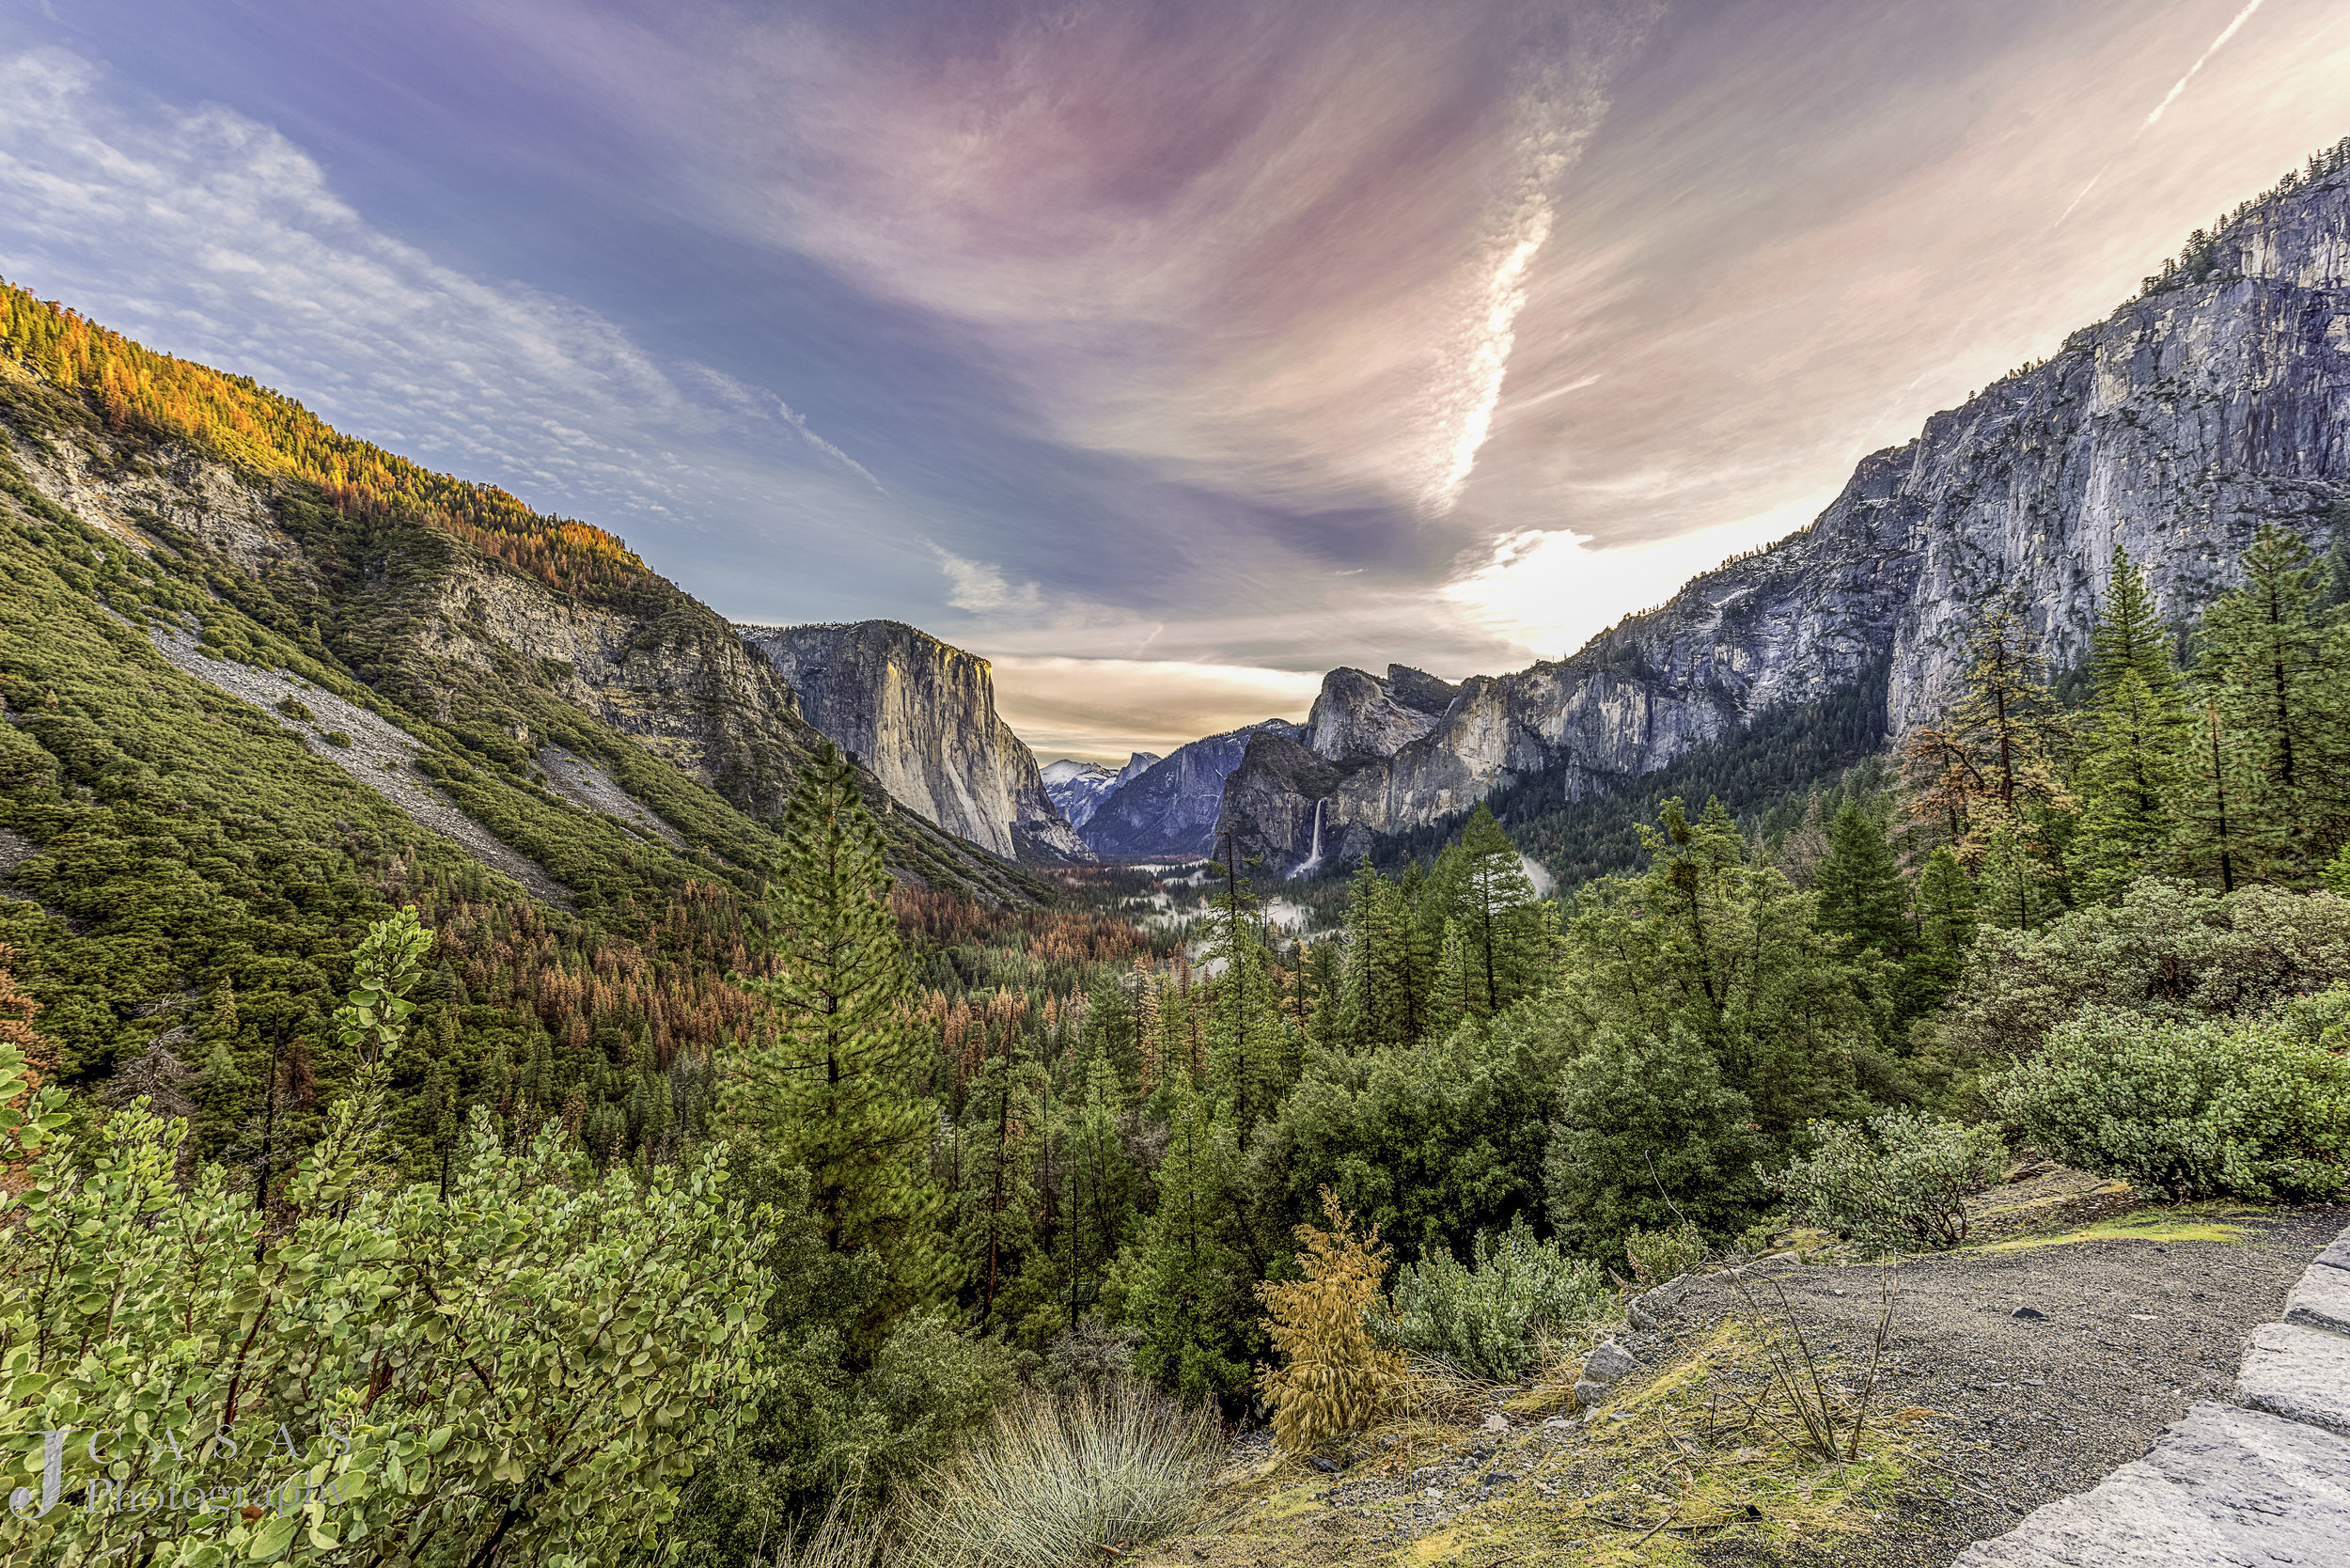 Yosemite's Tunnel View I